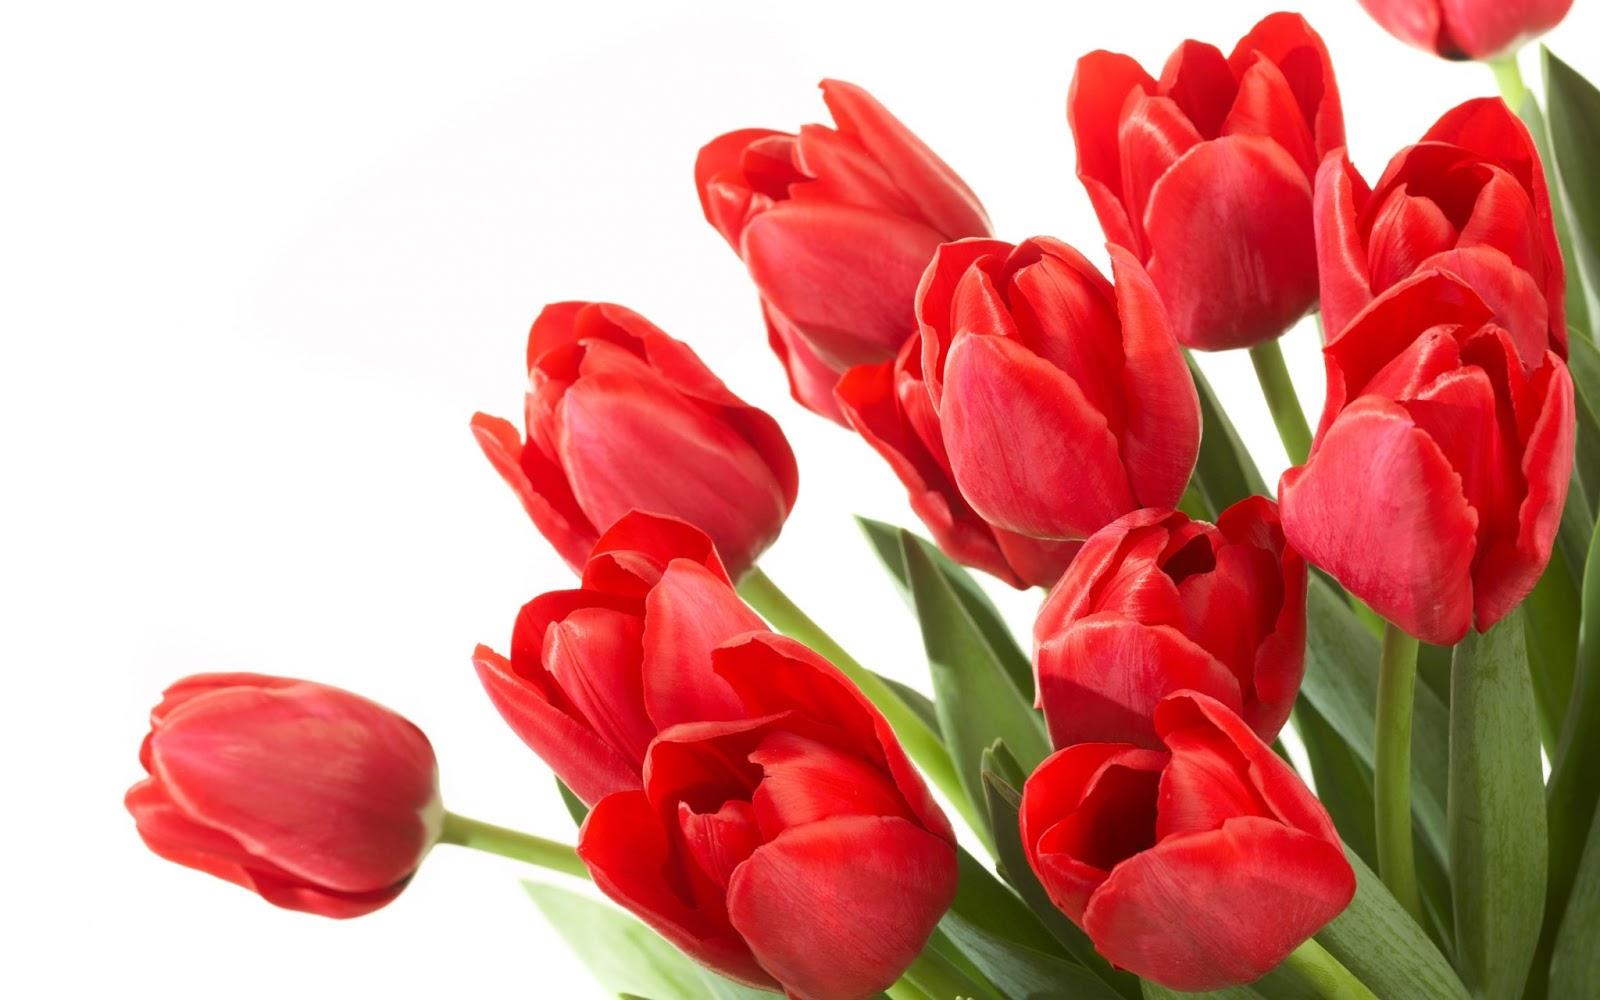 Hoa tulip tặng vợ mang ý nghĩa về tình yêu hoàn hảo